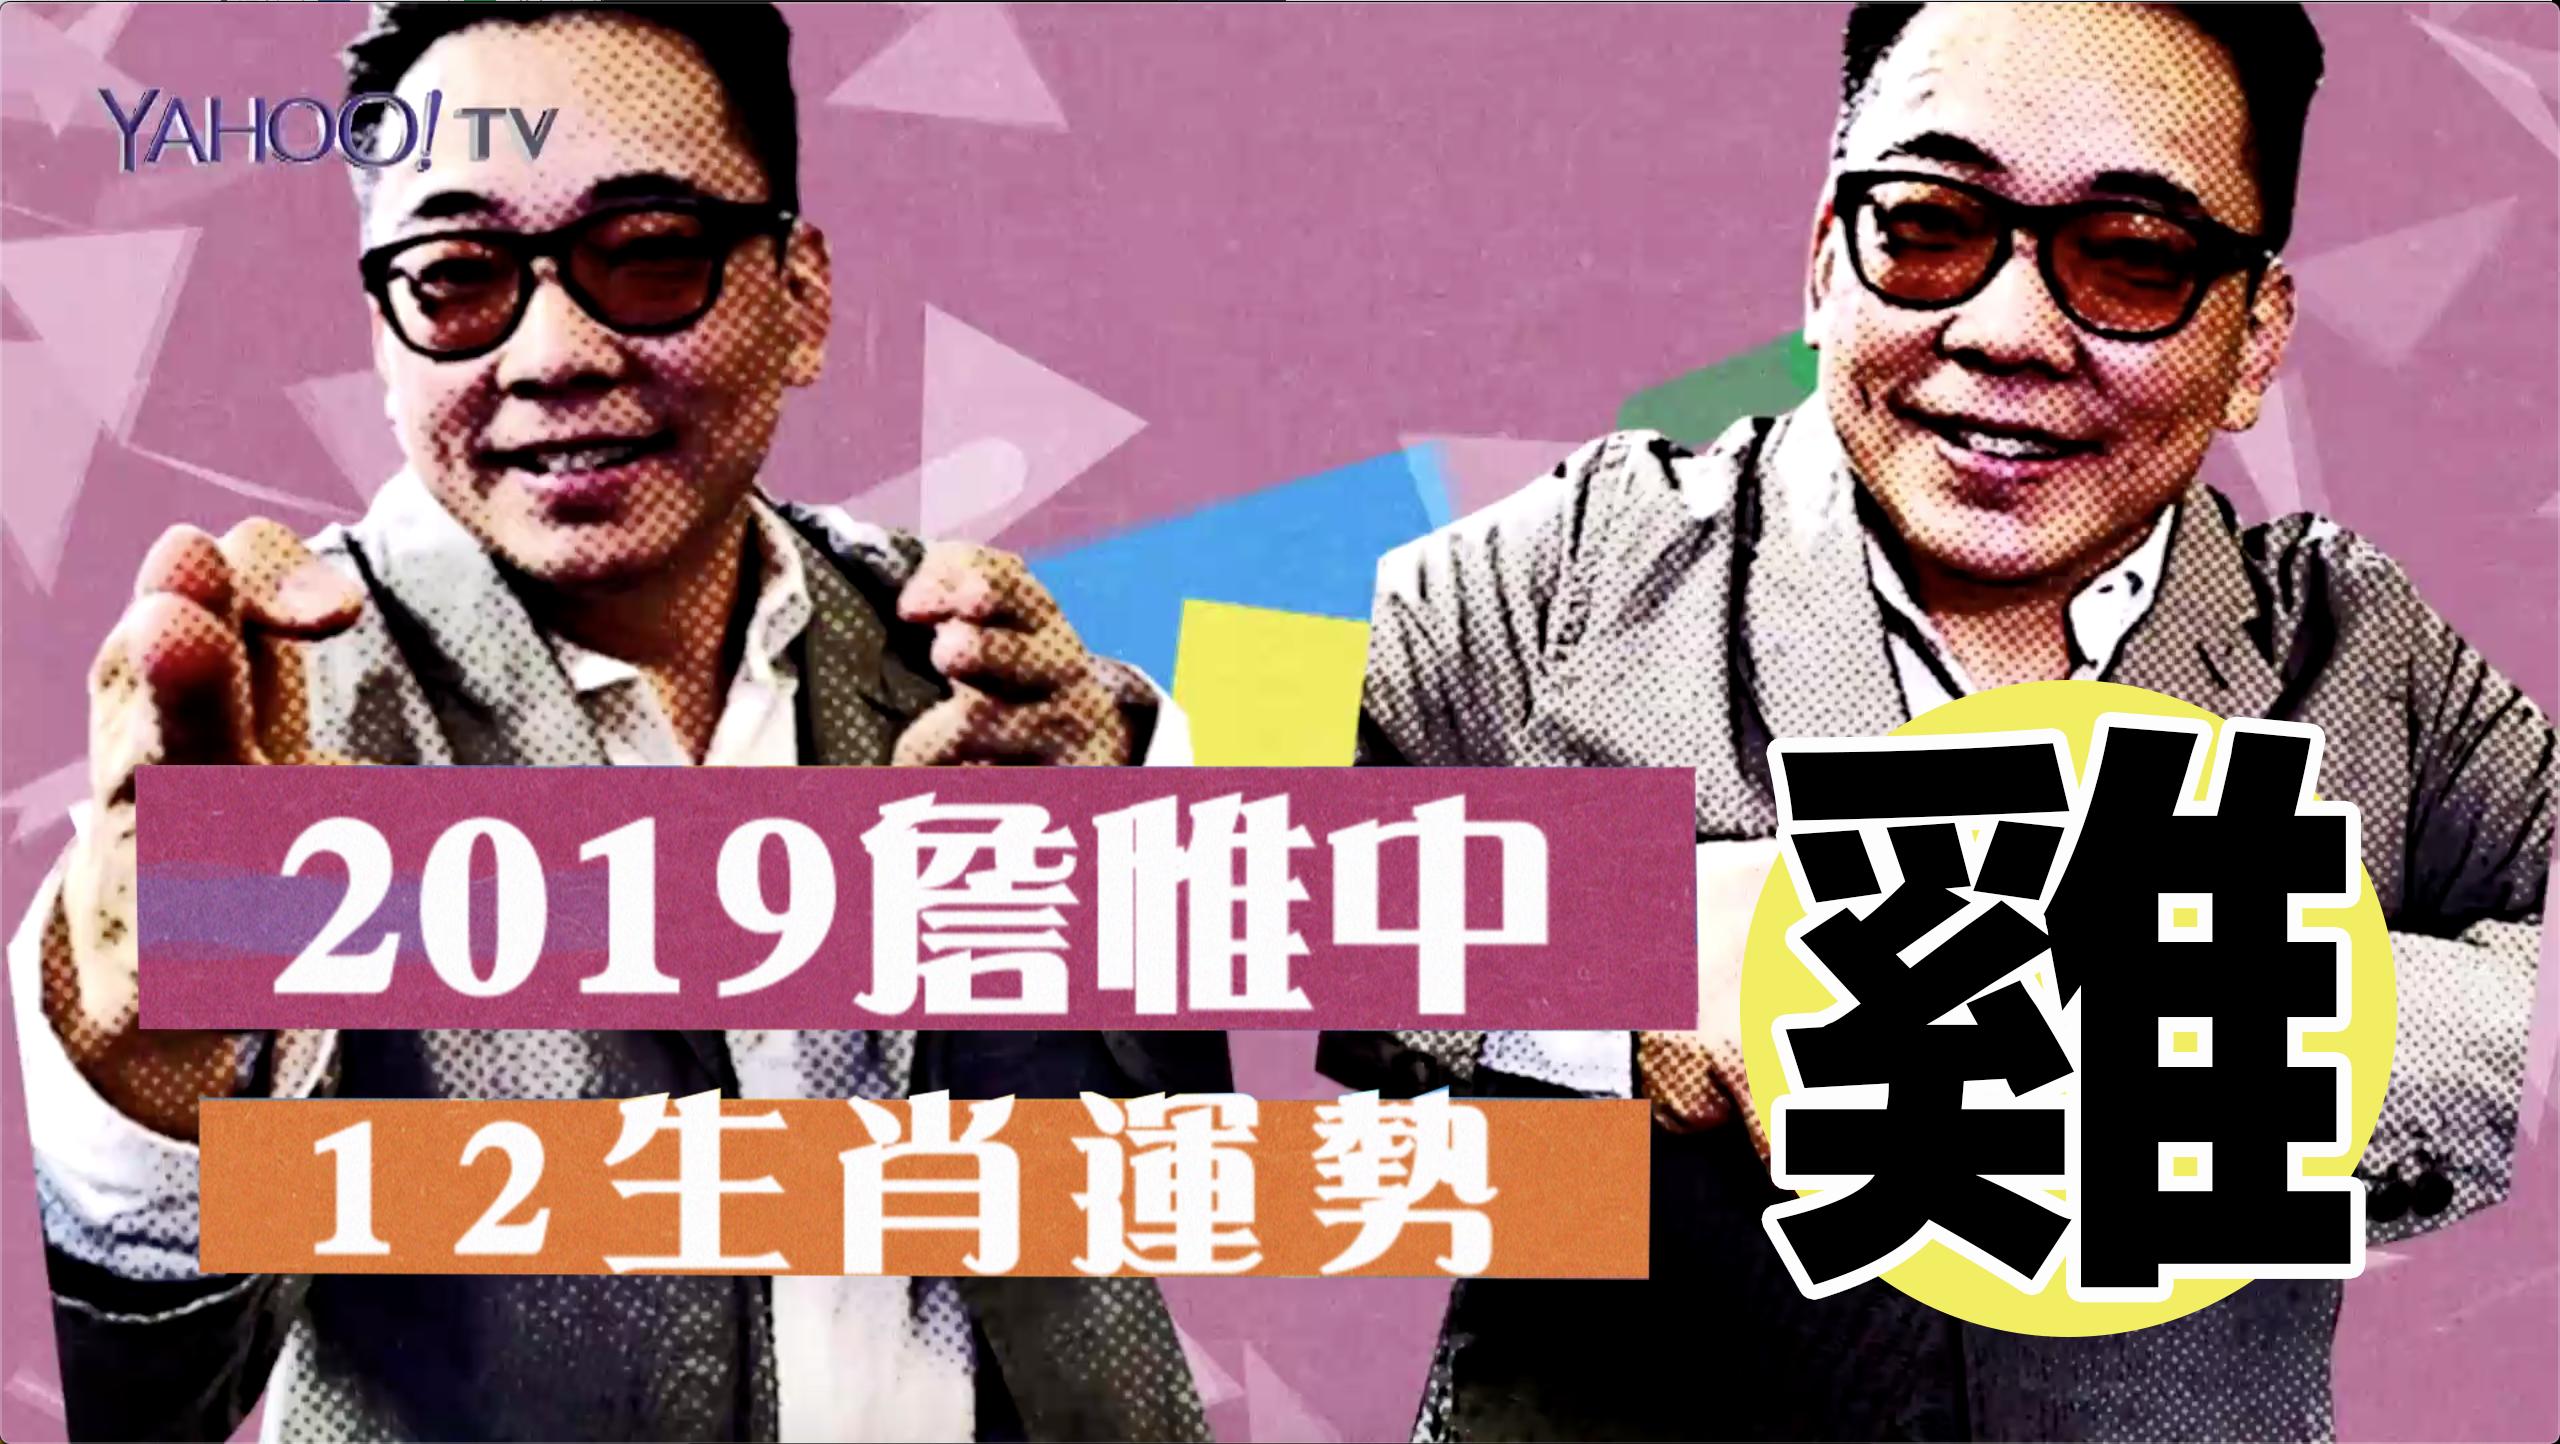 【雞】2019 流年財運運勢 - 詹惟中生肖運勢